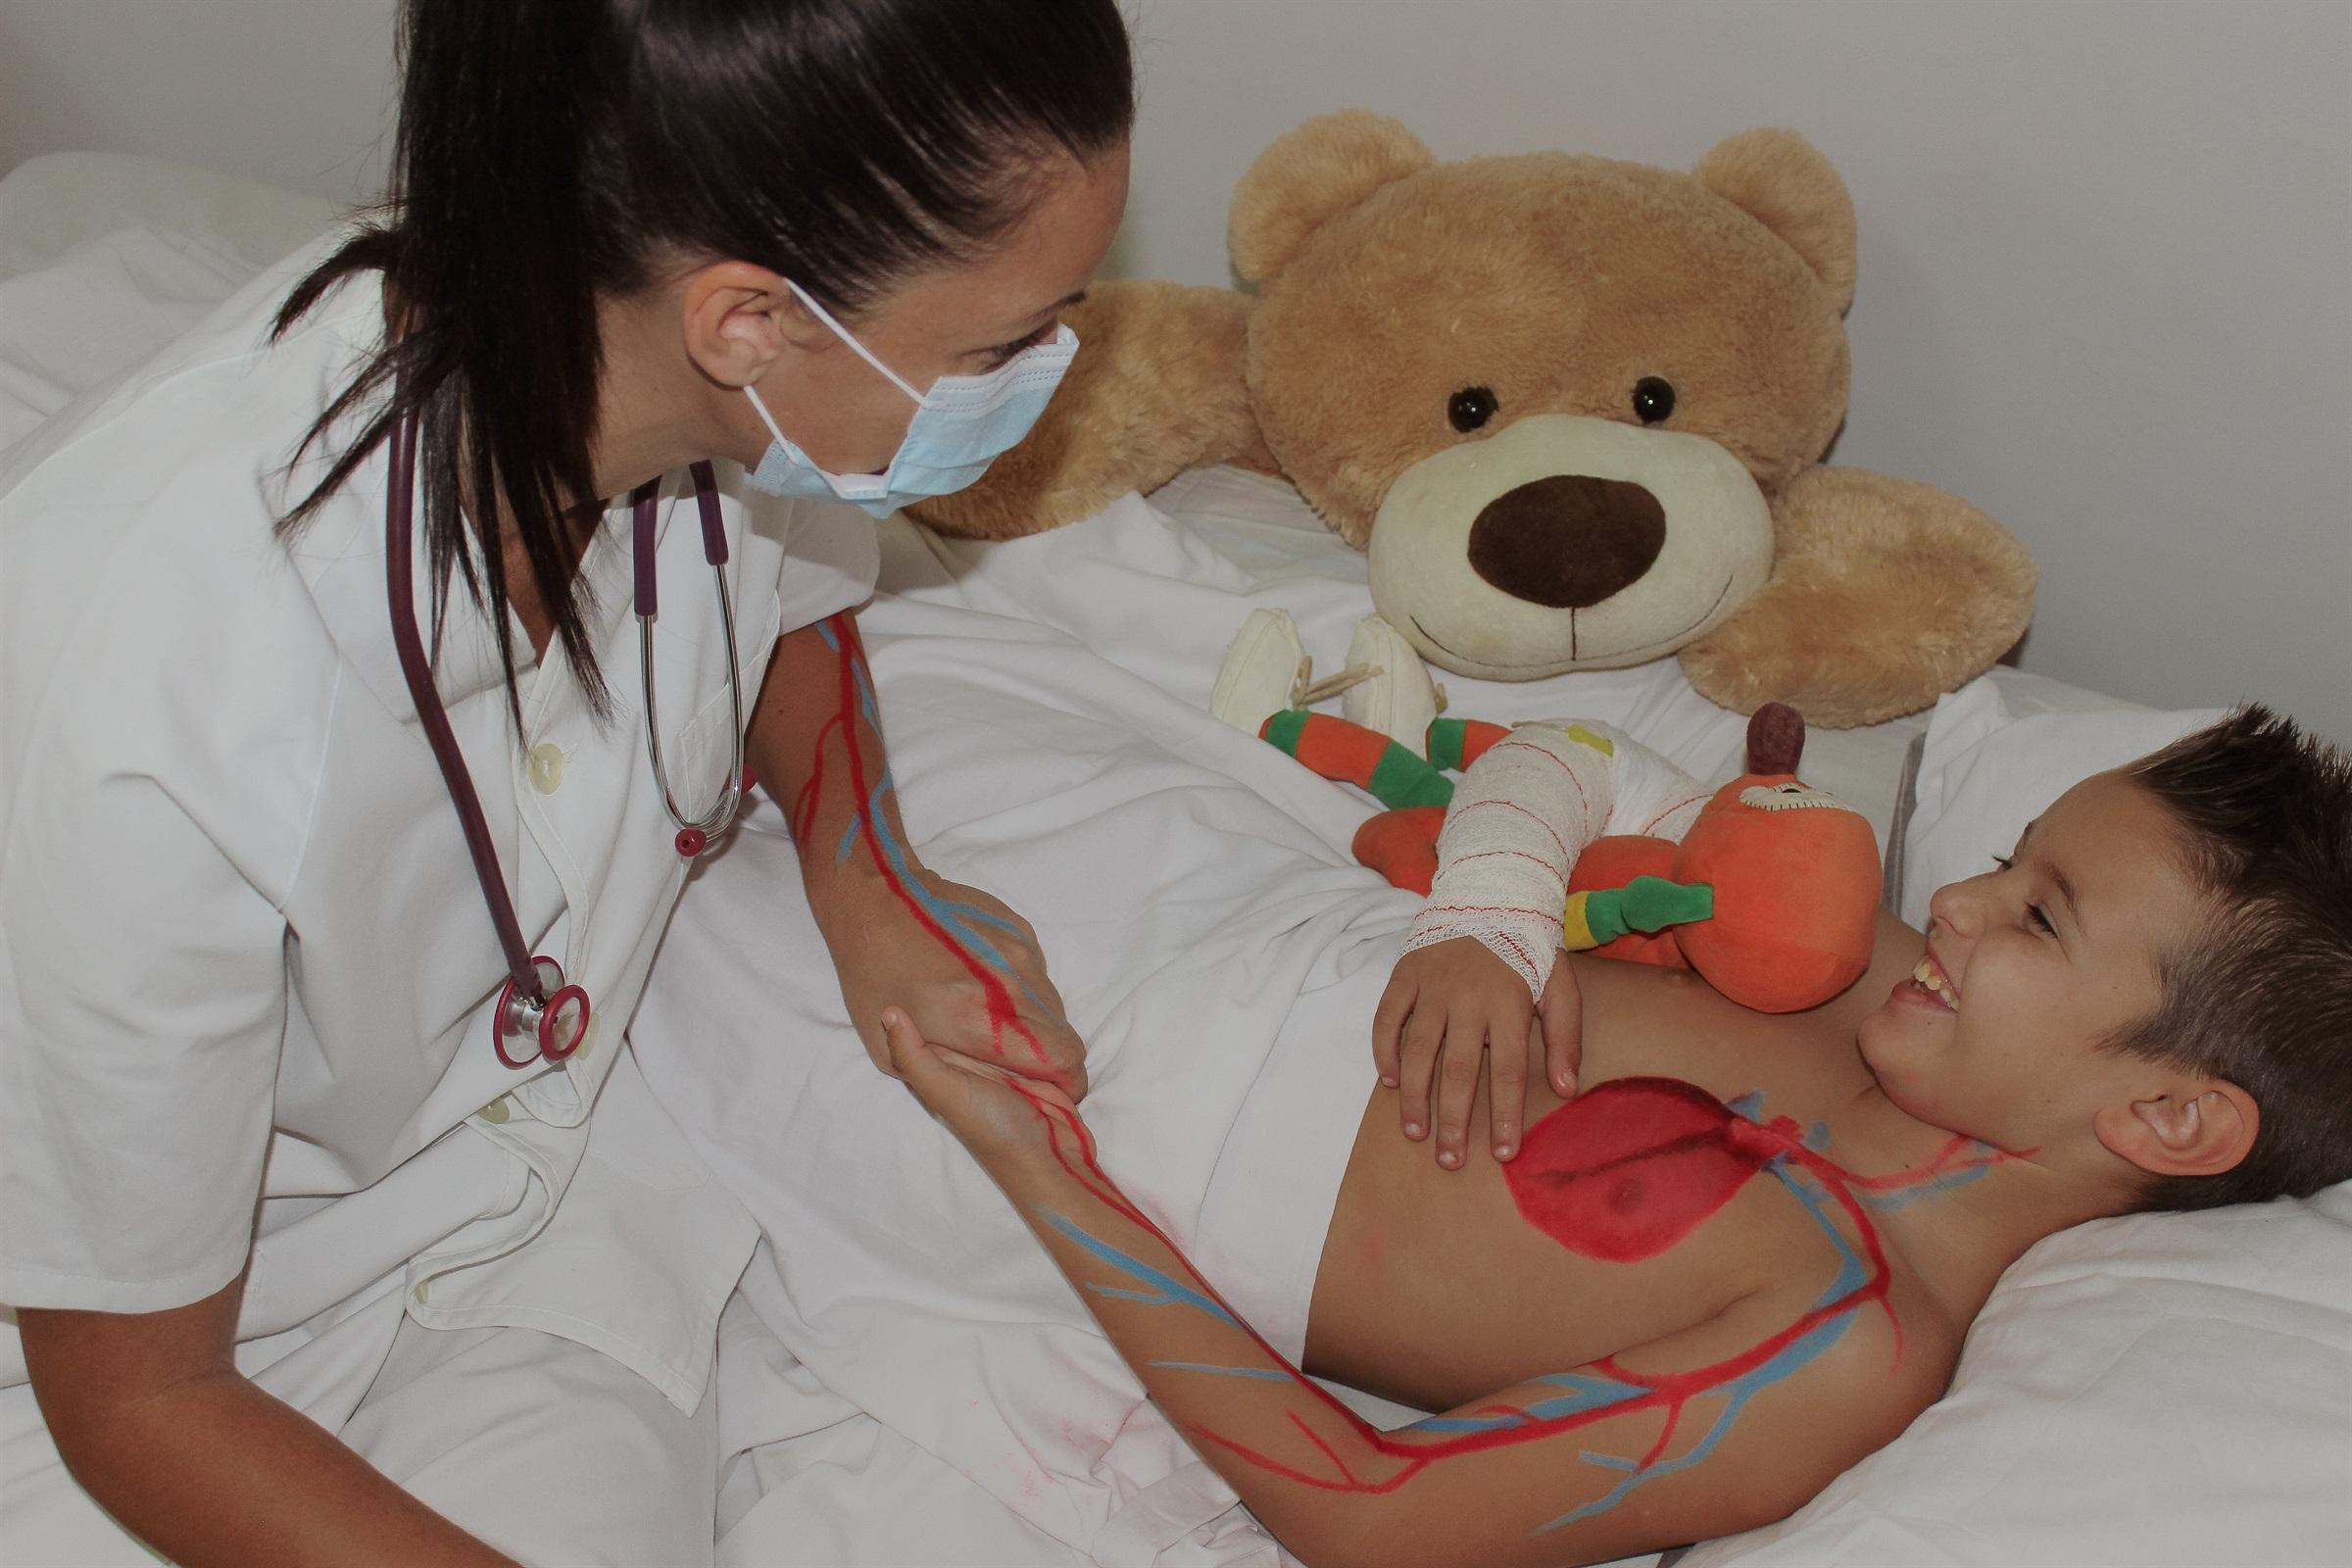 Estudiants d'infermeria mostren l'art de tenir cura en fotografies